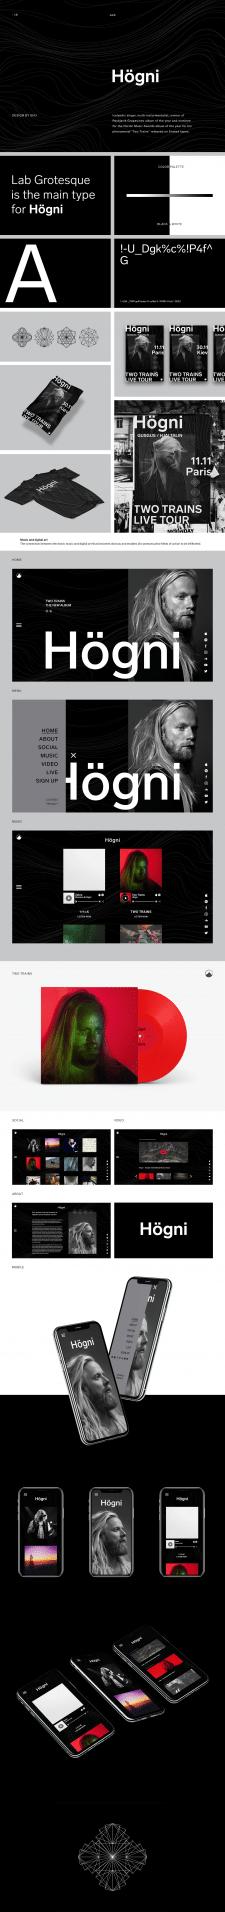 Дизайн сайта для исландского музыканта Högni